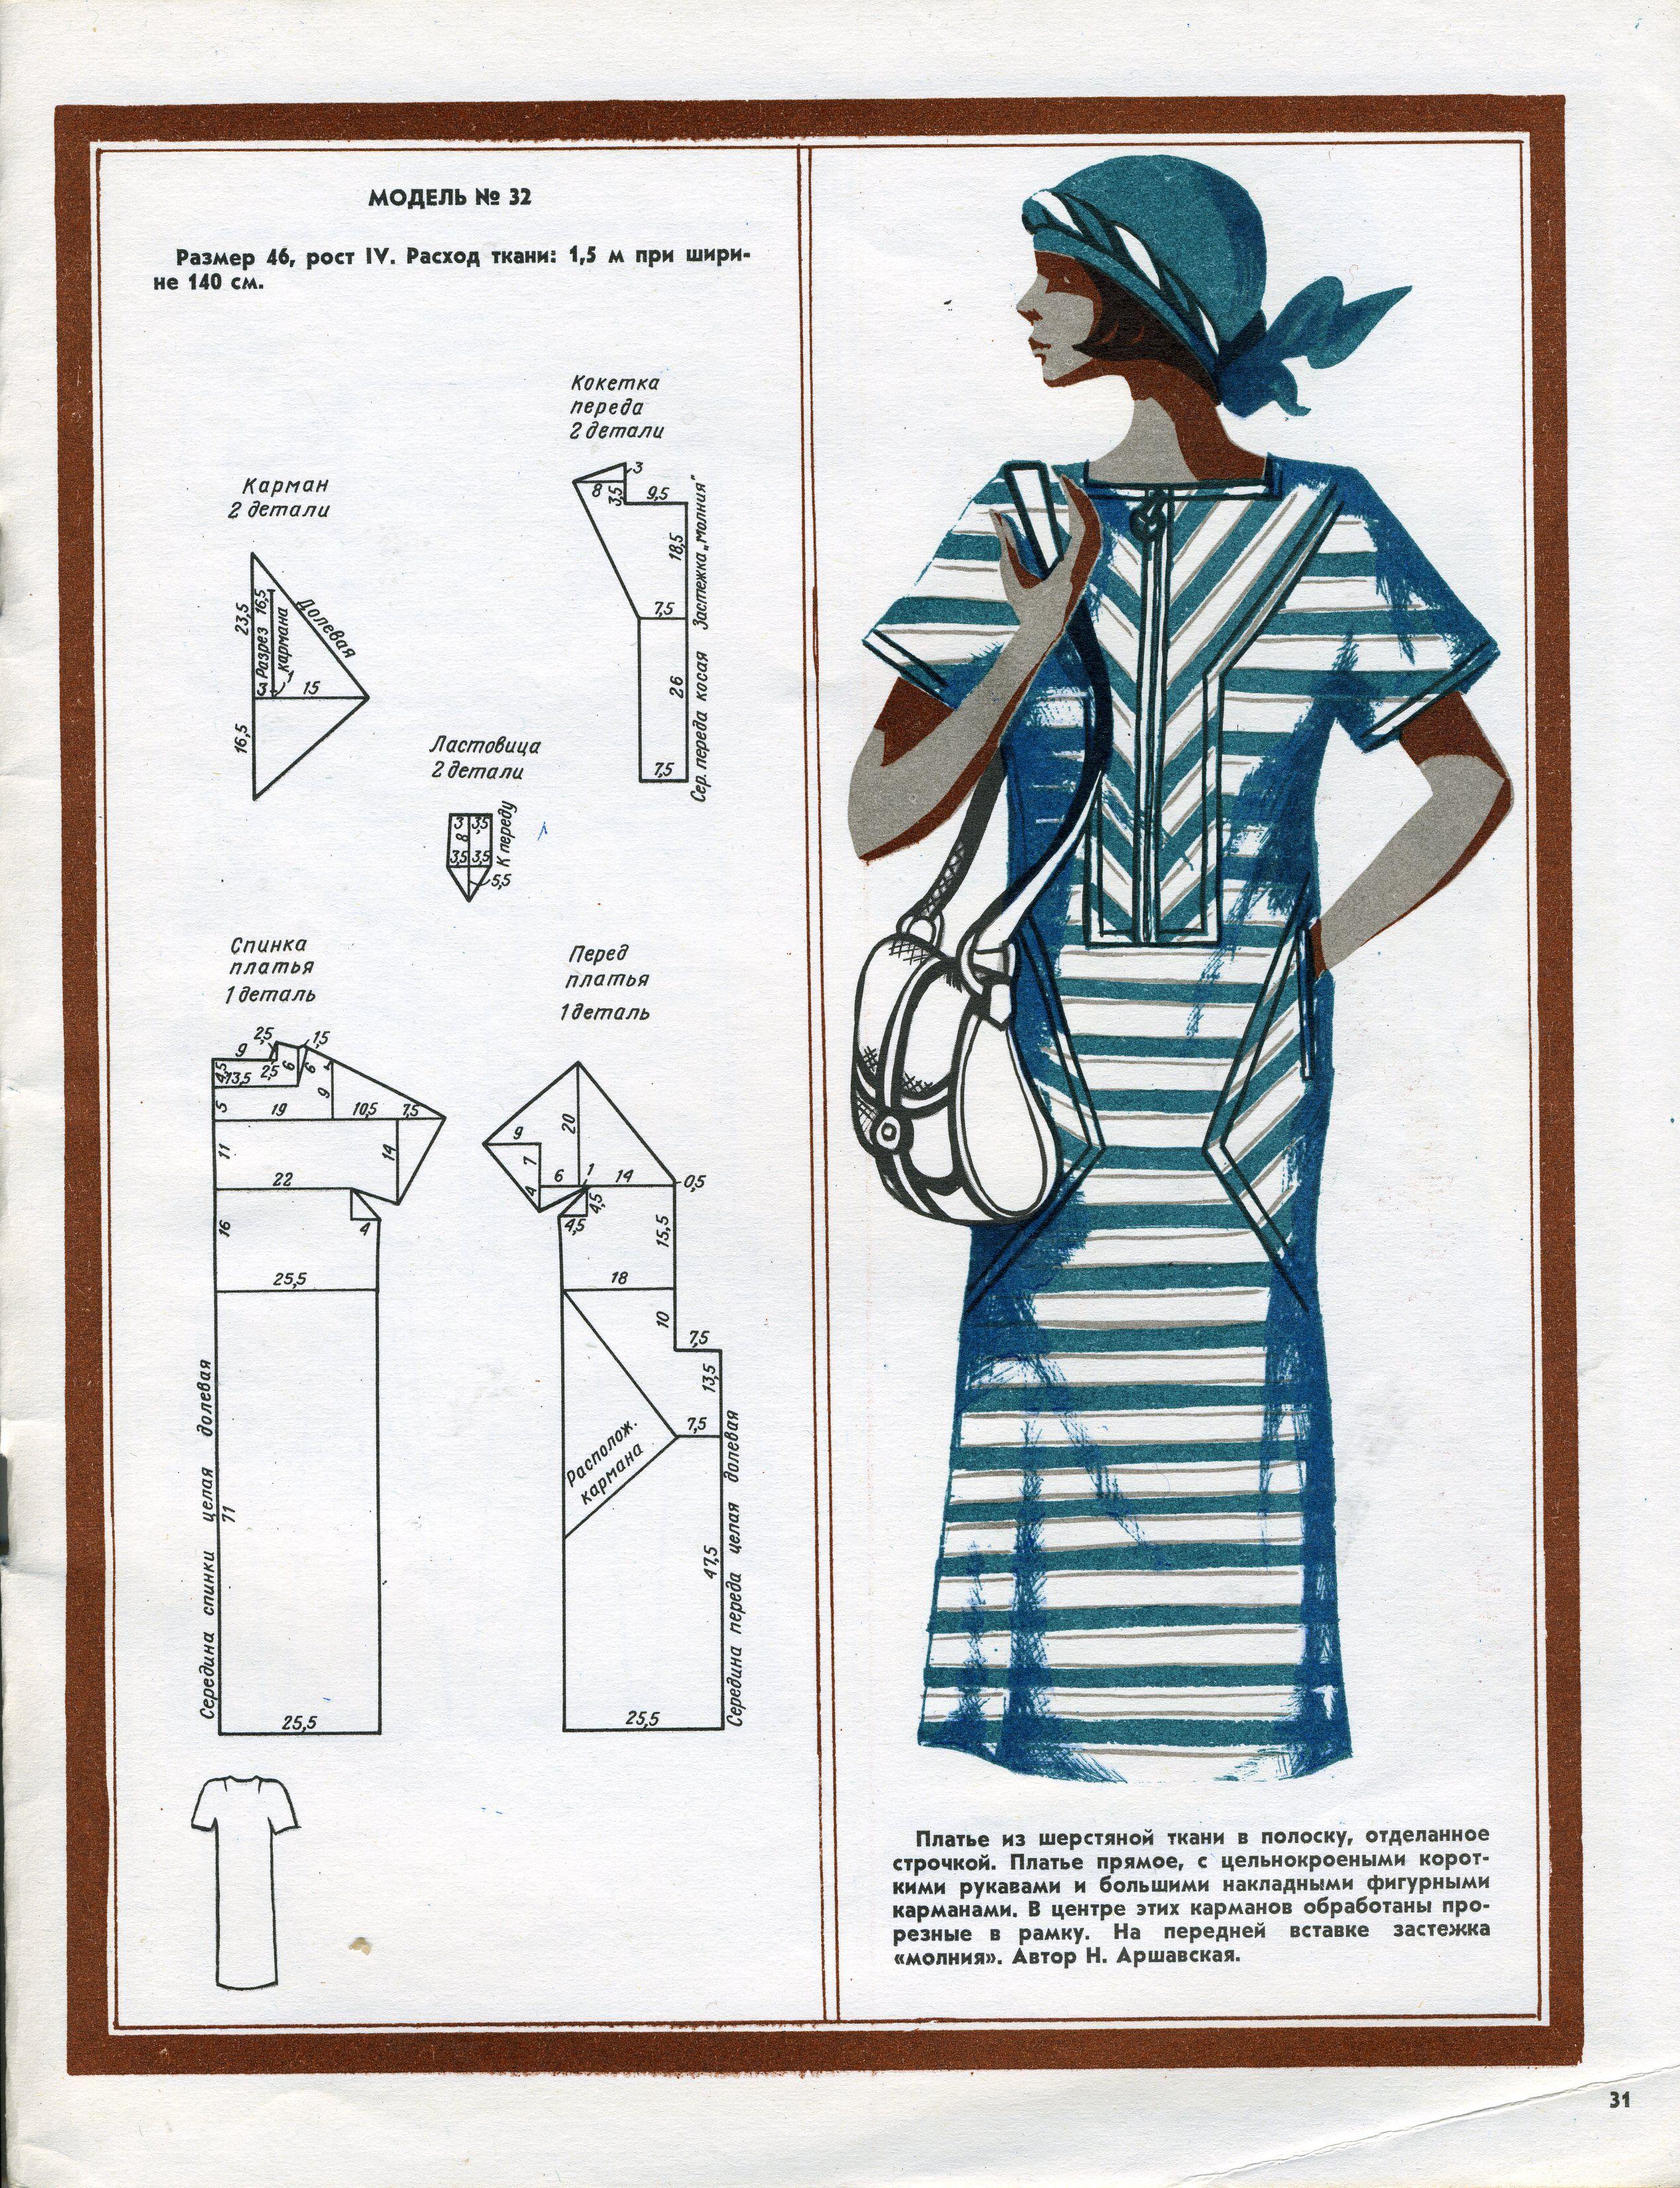 Moda-78 | Sewing | Pinterest | Costura, Moldes para vestidos y Patrones